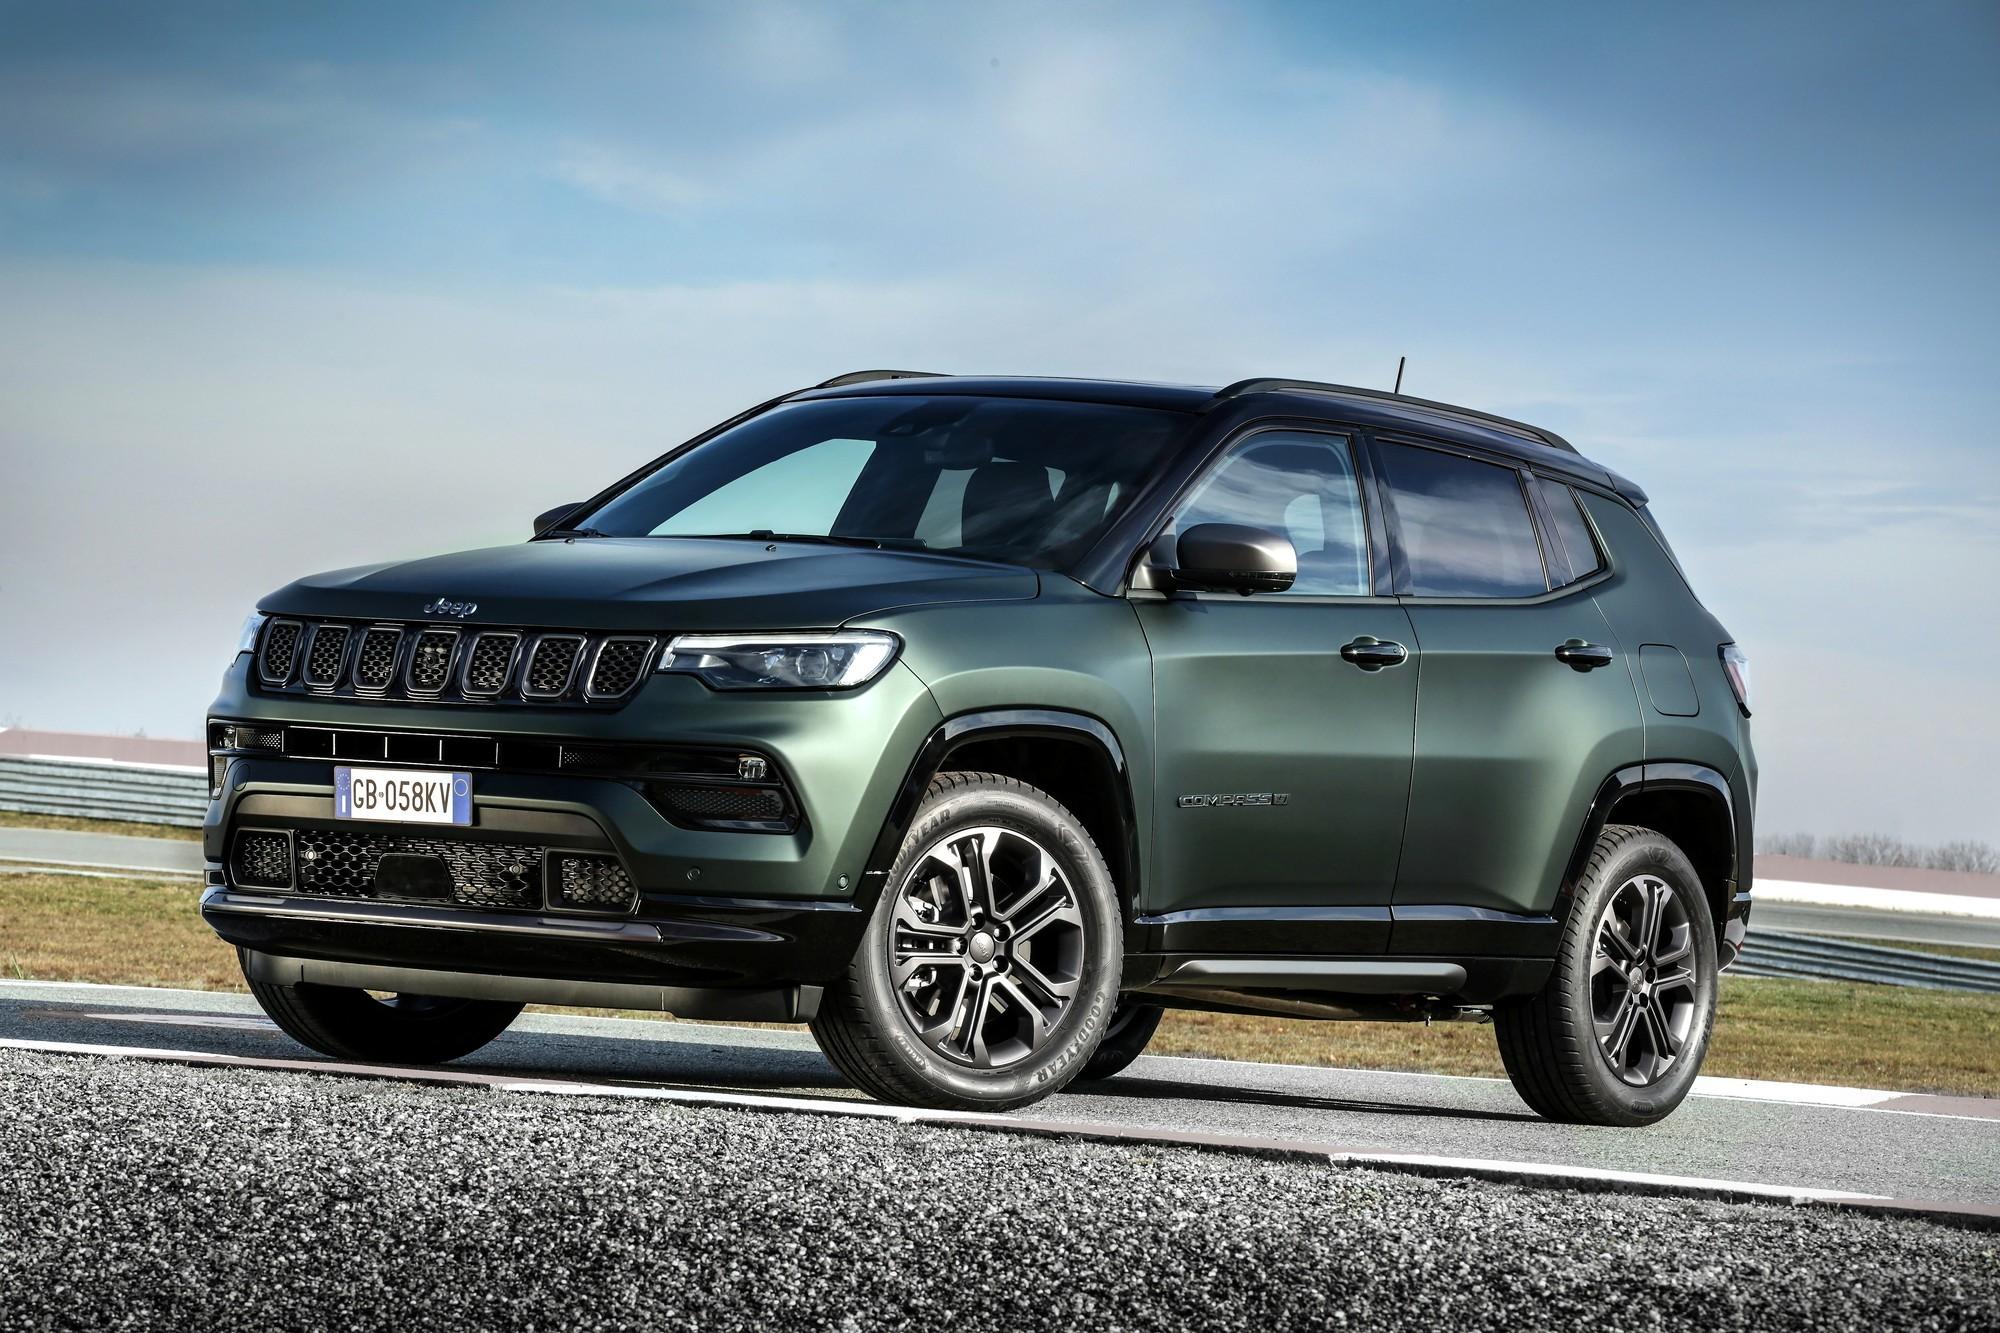 «Китаец» подкрался незаметно: обновлённый Jeep Compass показали в Европе